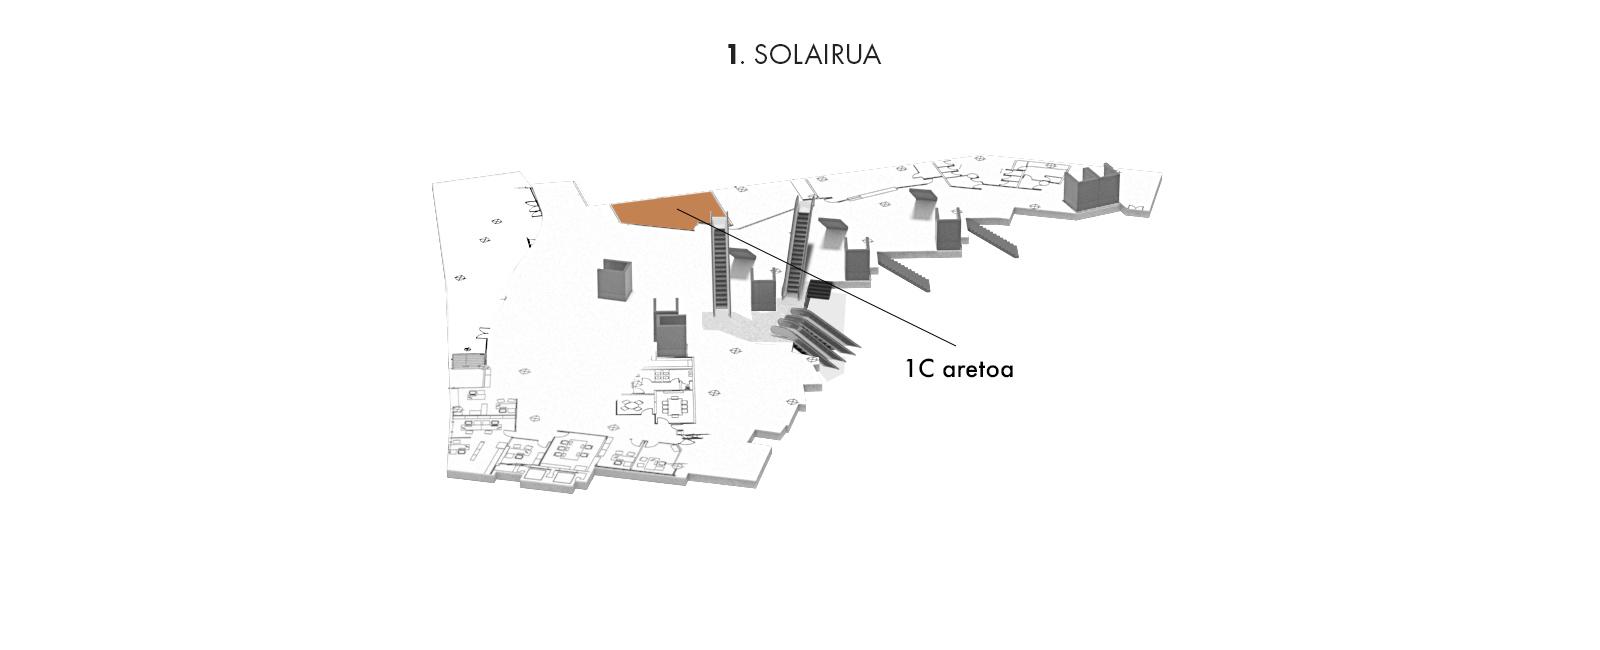 1C aretoa, 1. solairua | Palacio Euskalduna Jauregia